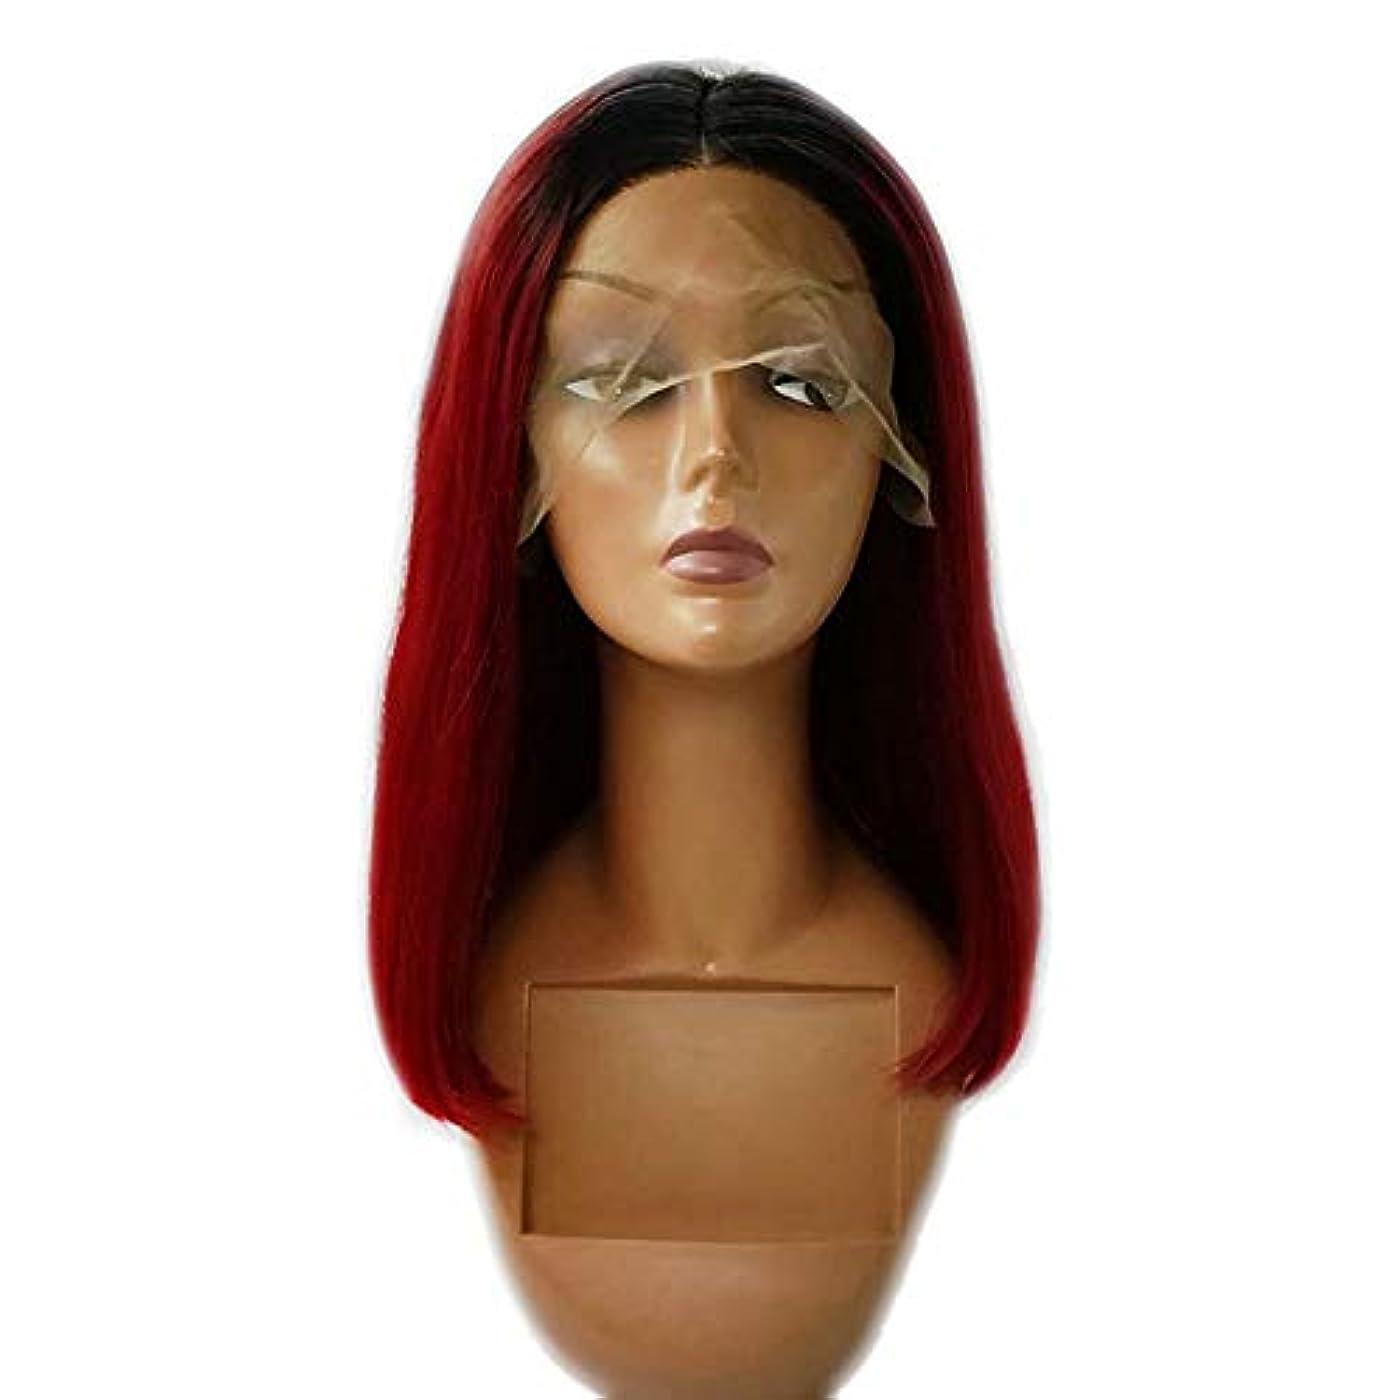 パキスタン誘惑する振るYOUQIU レッドボブショートストレートヘアー - 女性のかつらのためにレースのフロント合成かつら (色 : レッド)